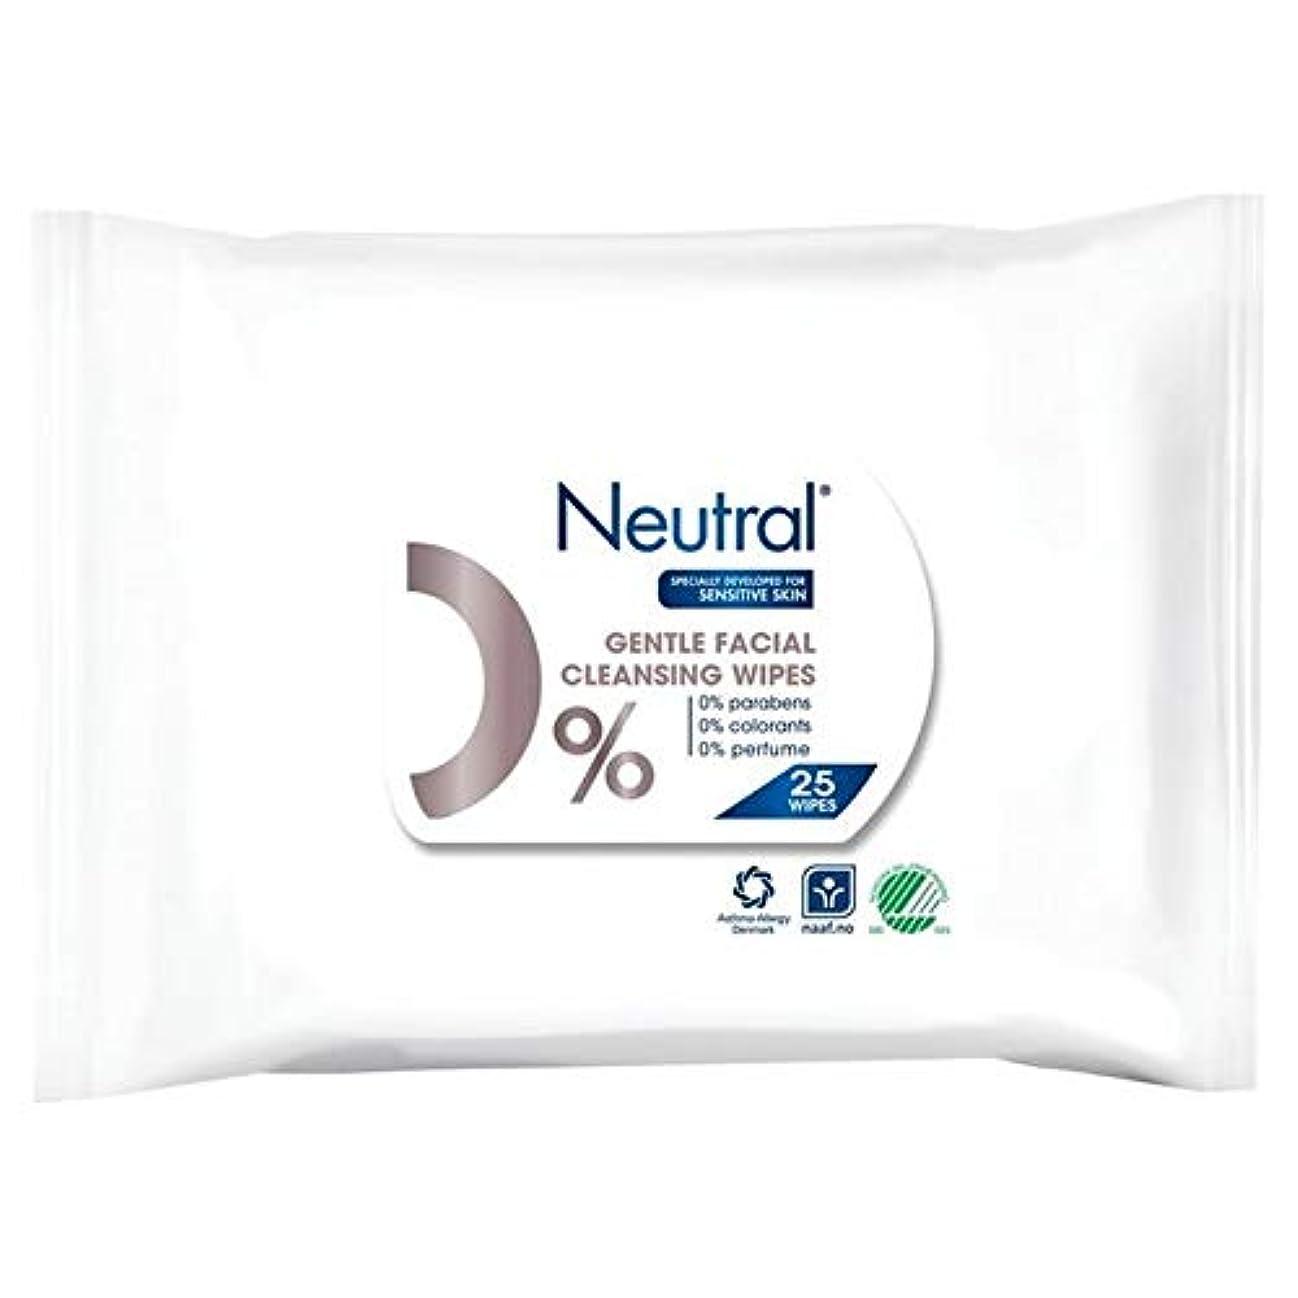 自動ストレスご飯[Neutral ] ニュートラル0%顔はパックあたり25ワイプ - Neutral 0% Face Wipes 25 per pack [並行輸入品]